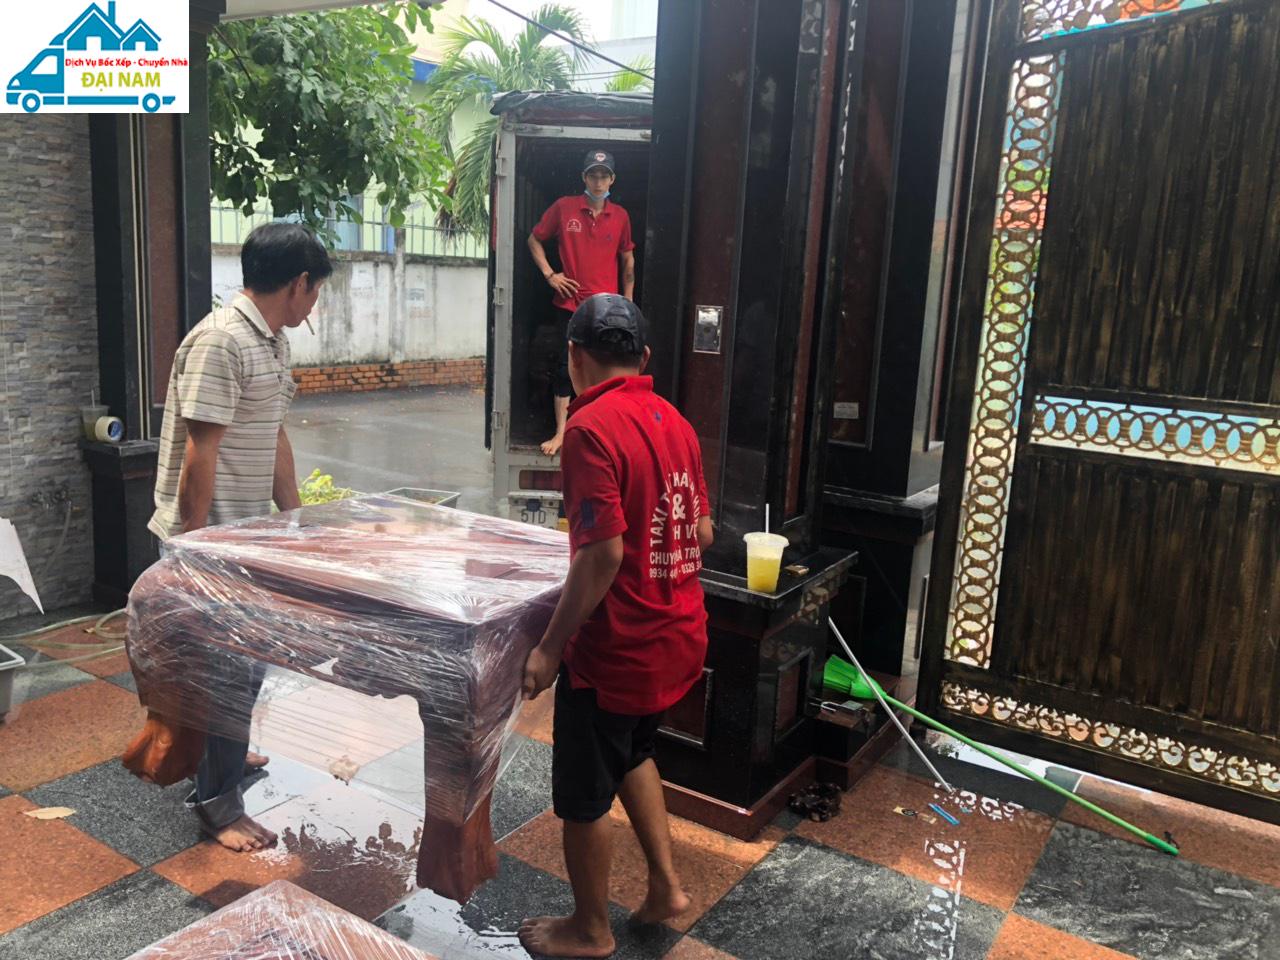 Dịch vụ chuyển nhà quận 11 giá rẻ nhất, nhanh chóng tại Tphcm